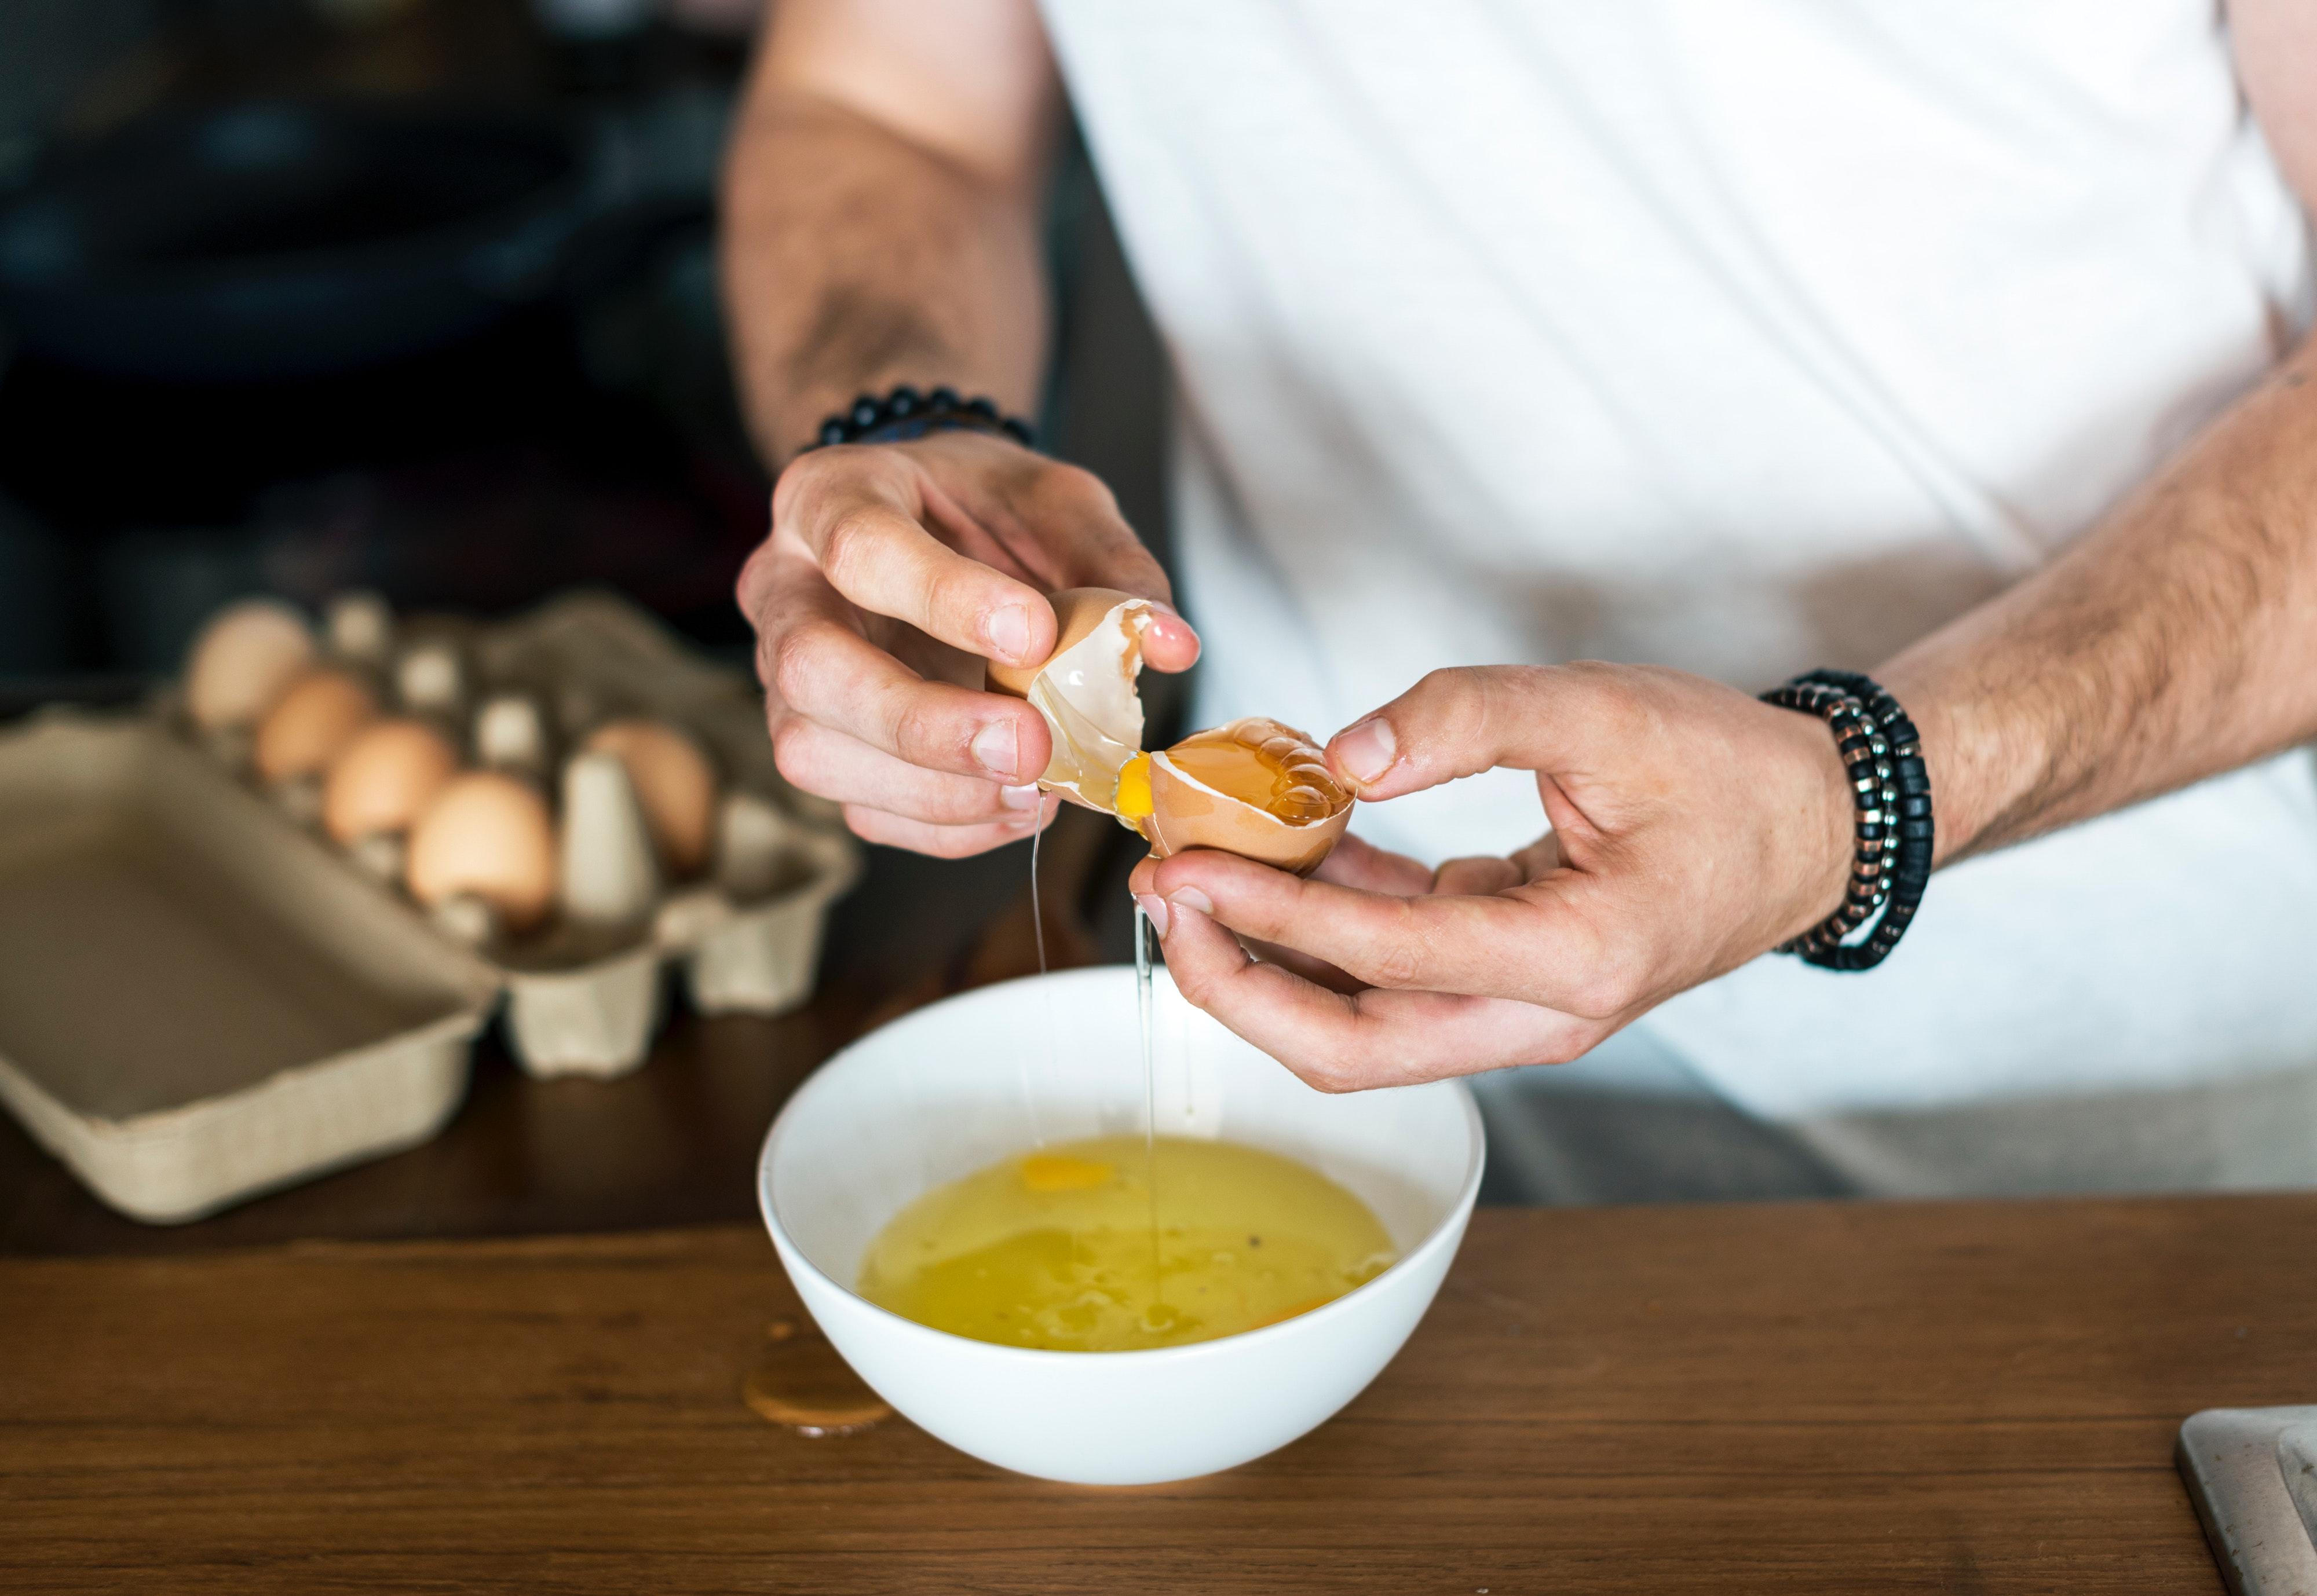 Які краще їсти яйця: білок або цільні, – поради дієтолога